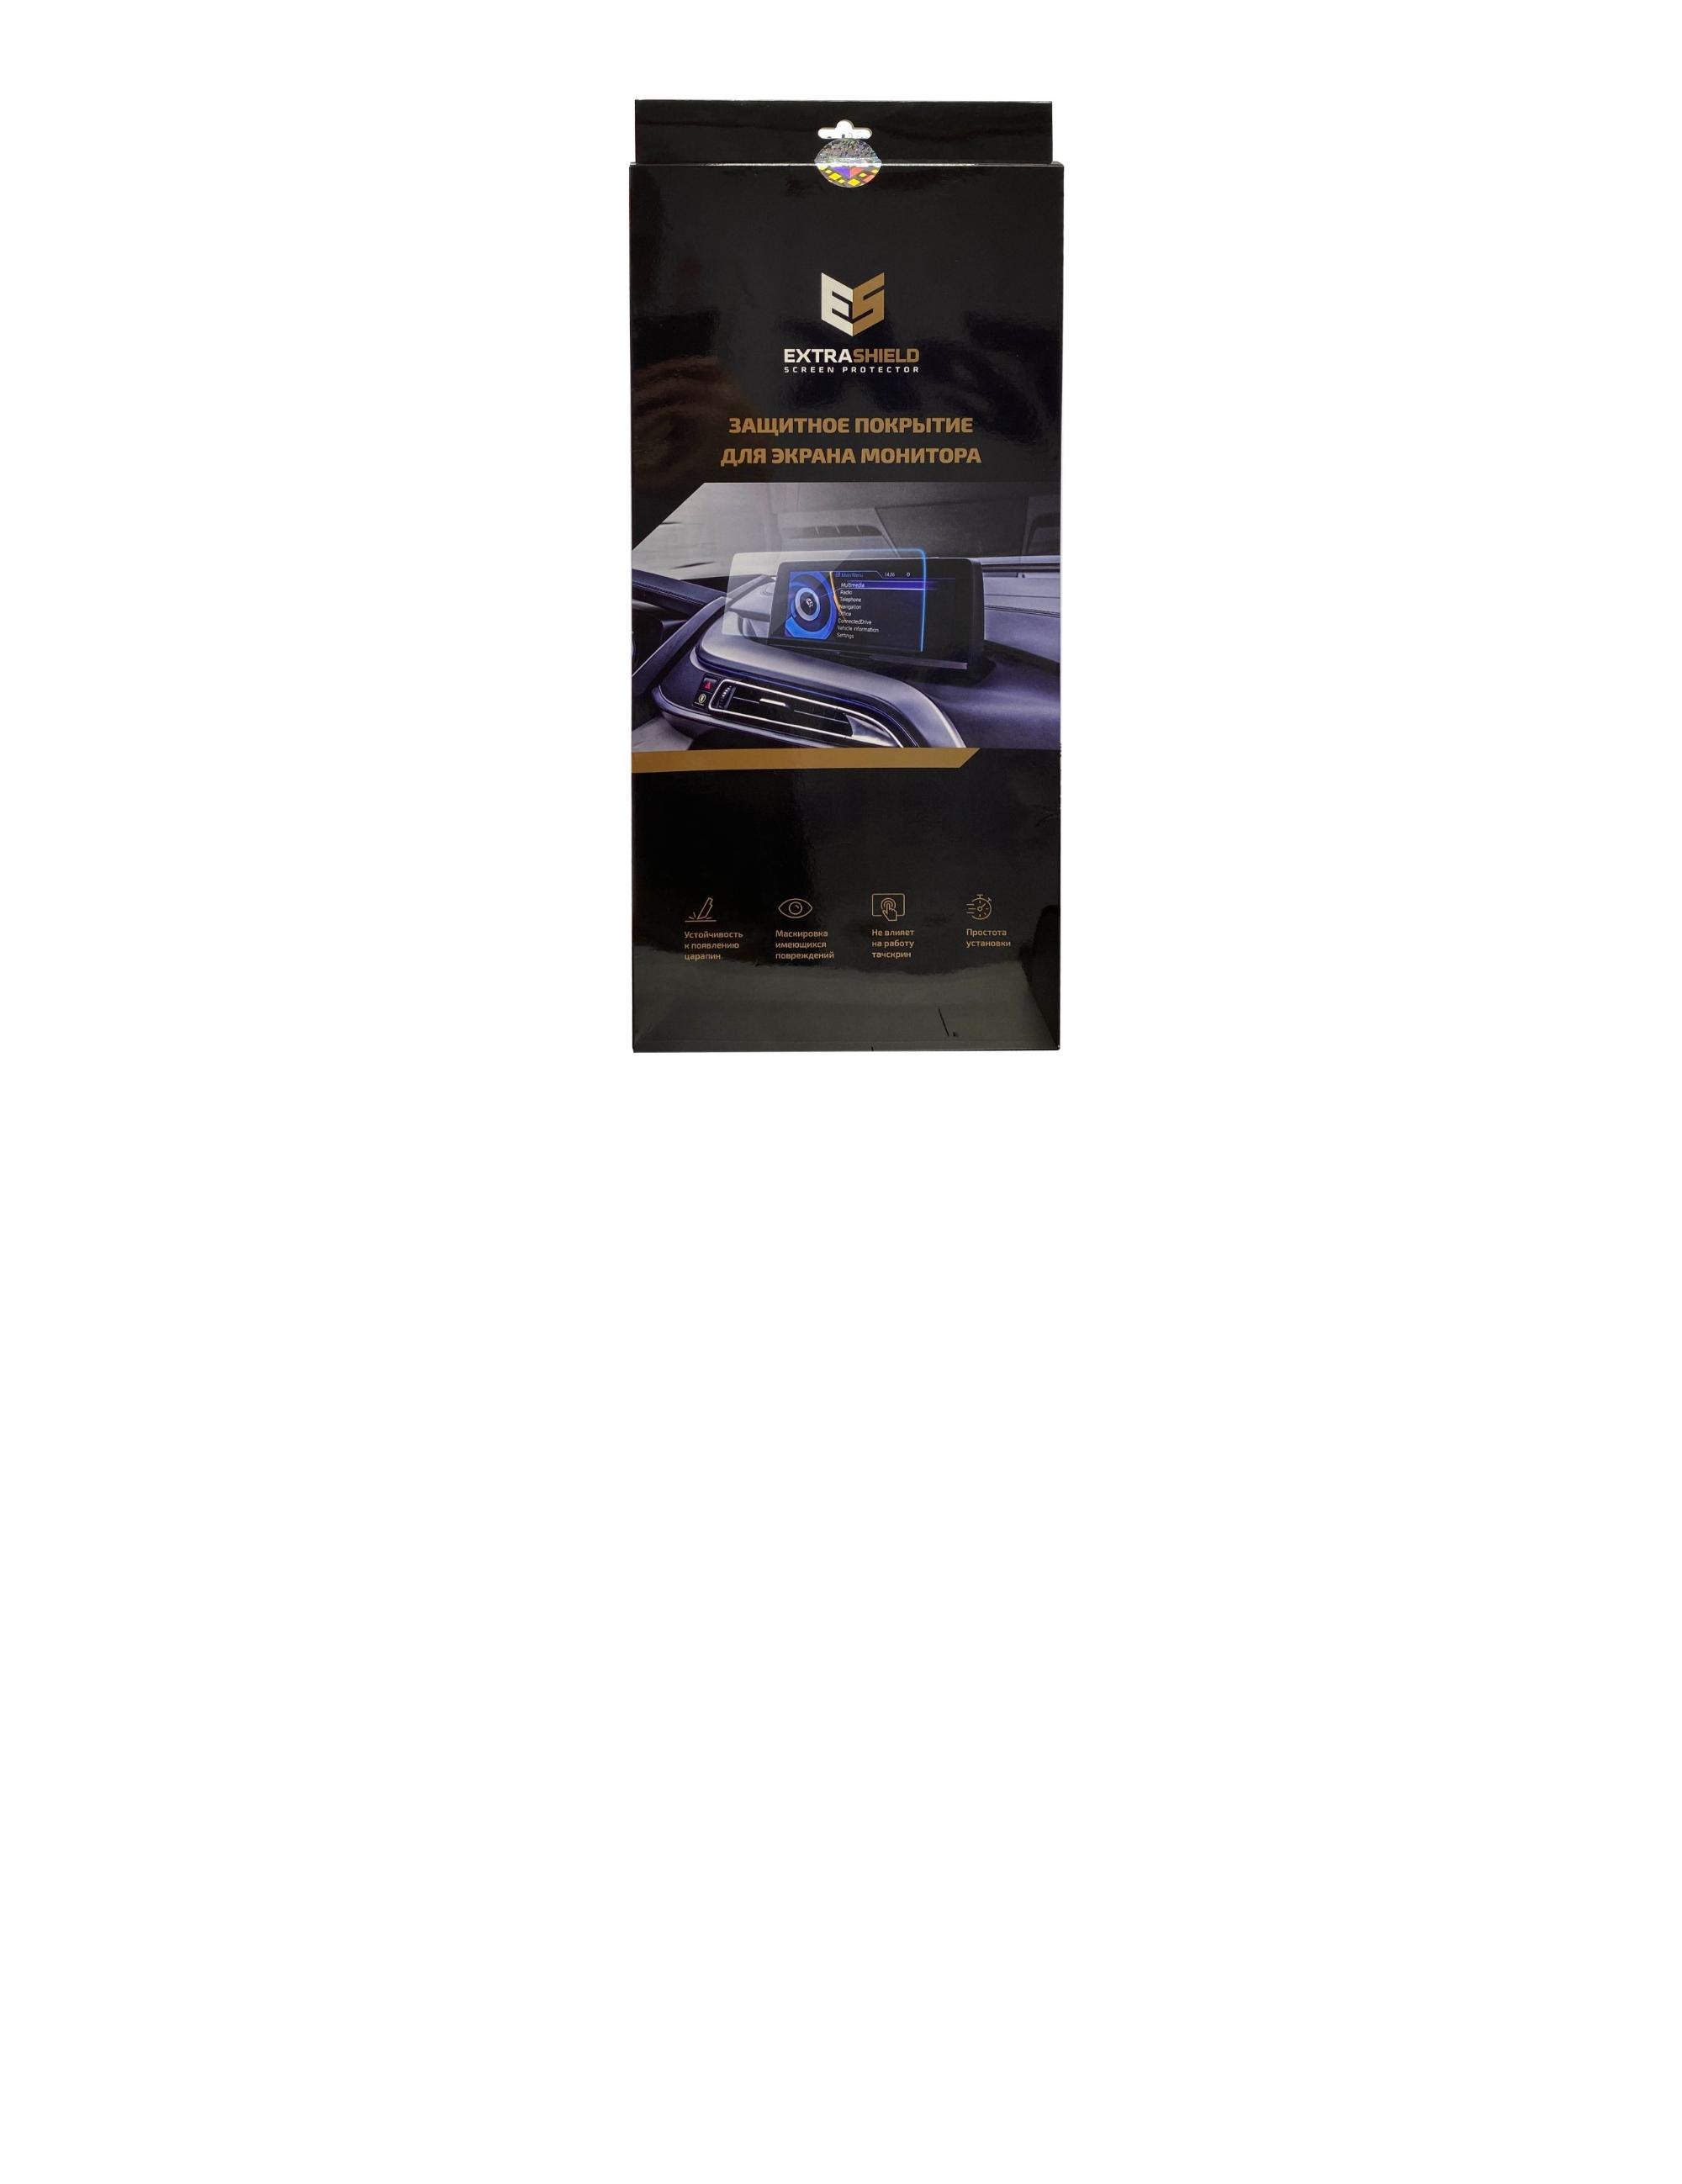 BMW 4 серия (G22) 2020 - н.в. мультимедиа 10,25 Статическая пленка Глянец